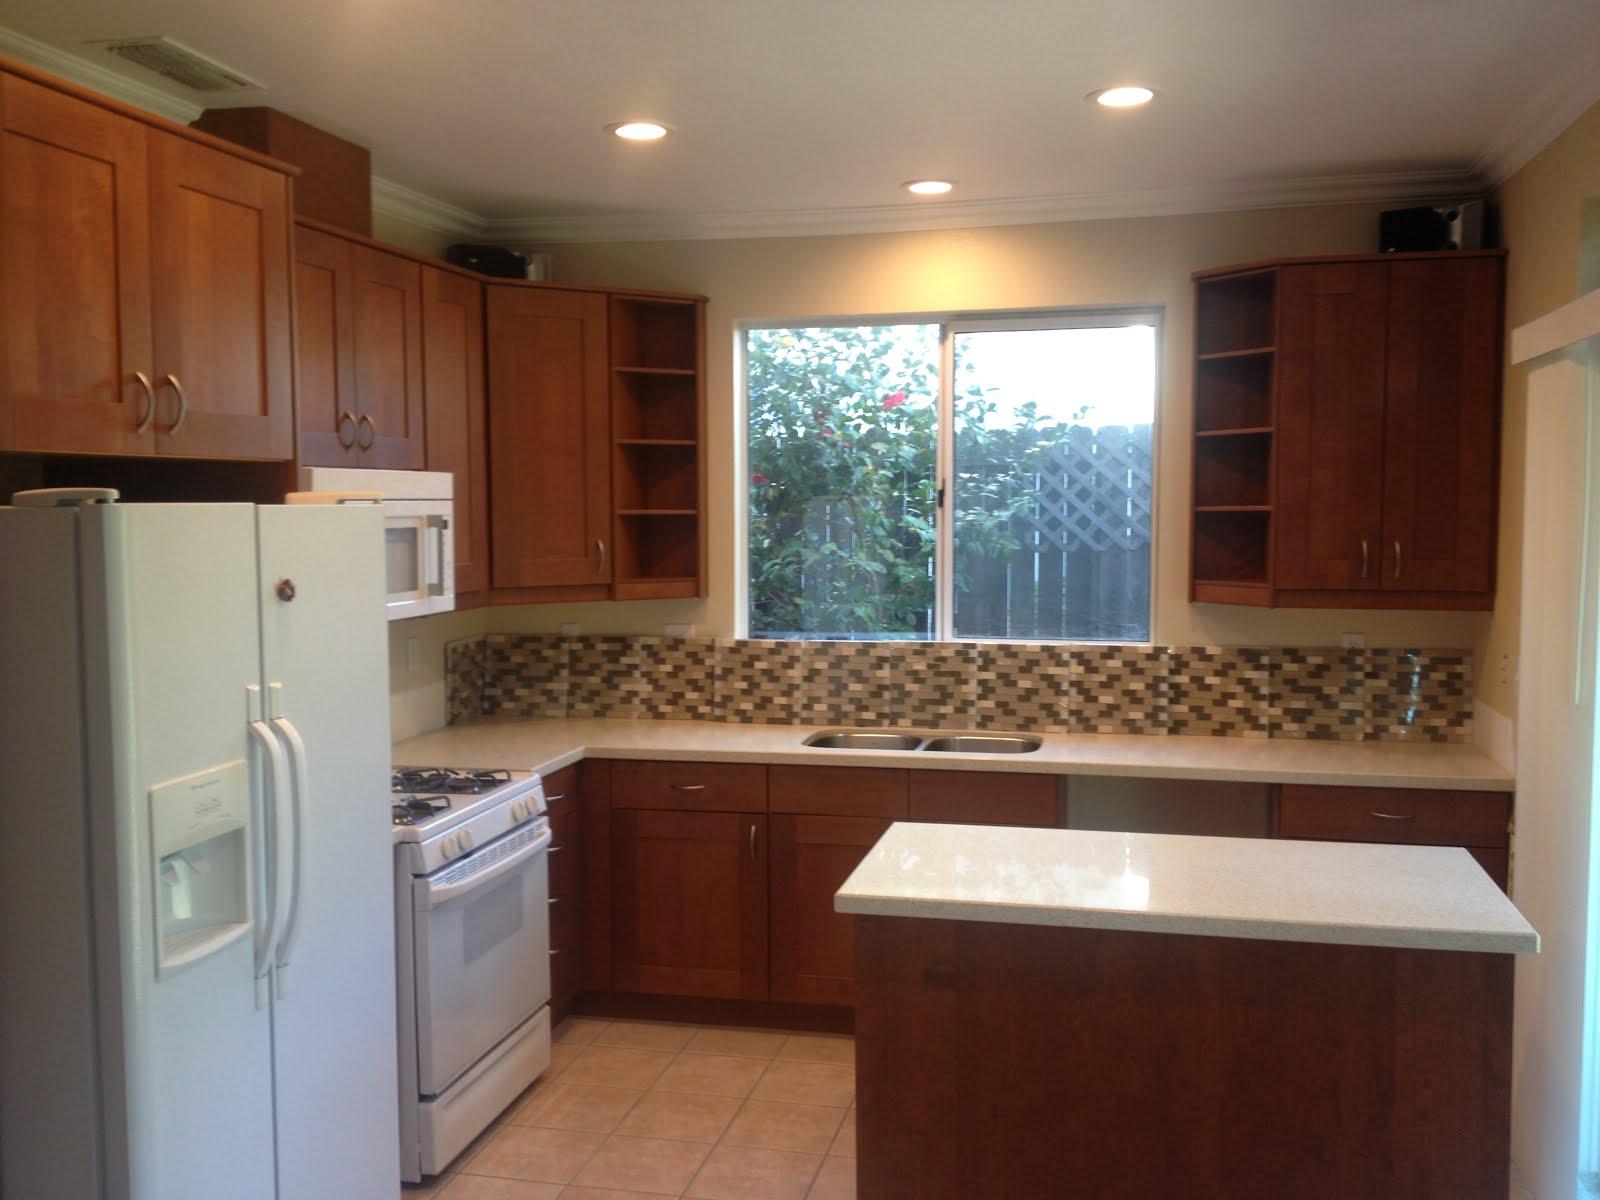 custom end unit shelves for kitchen kitchen cabinet shelves Custom End Unit Shelves for Kitchen